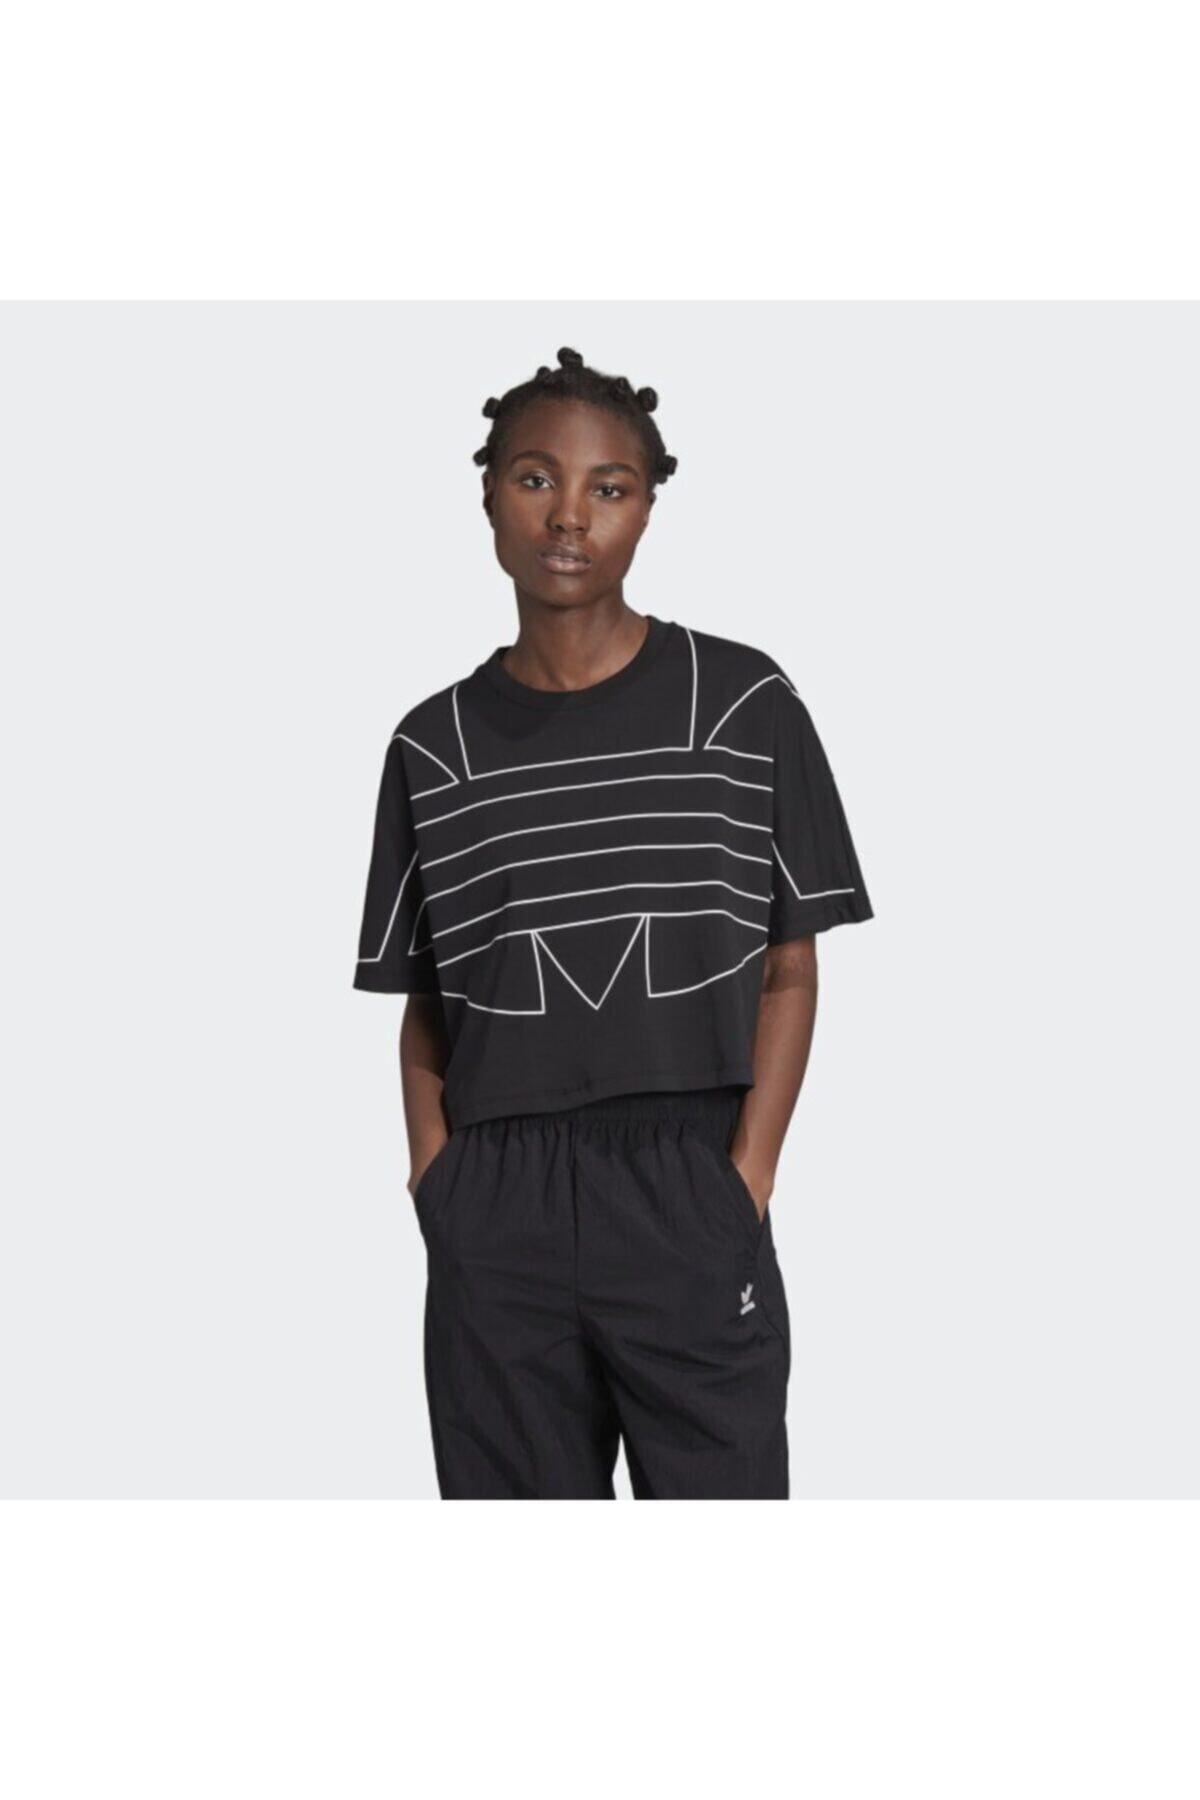 خرید انلاین تیشرت ورزشی مردانه طرح دار برند آدیداس رنگ مشکی کد ty46701061